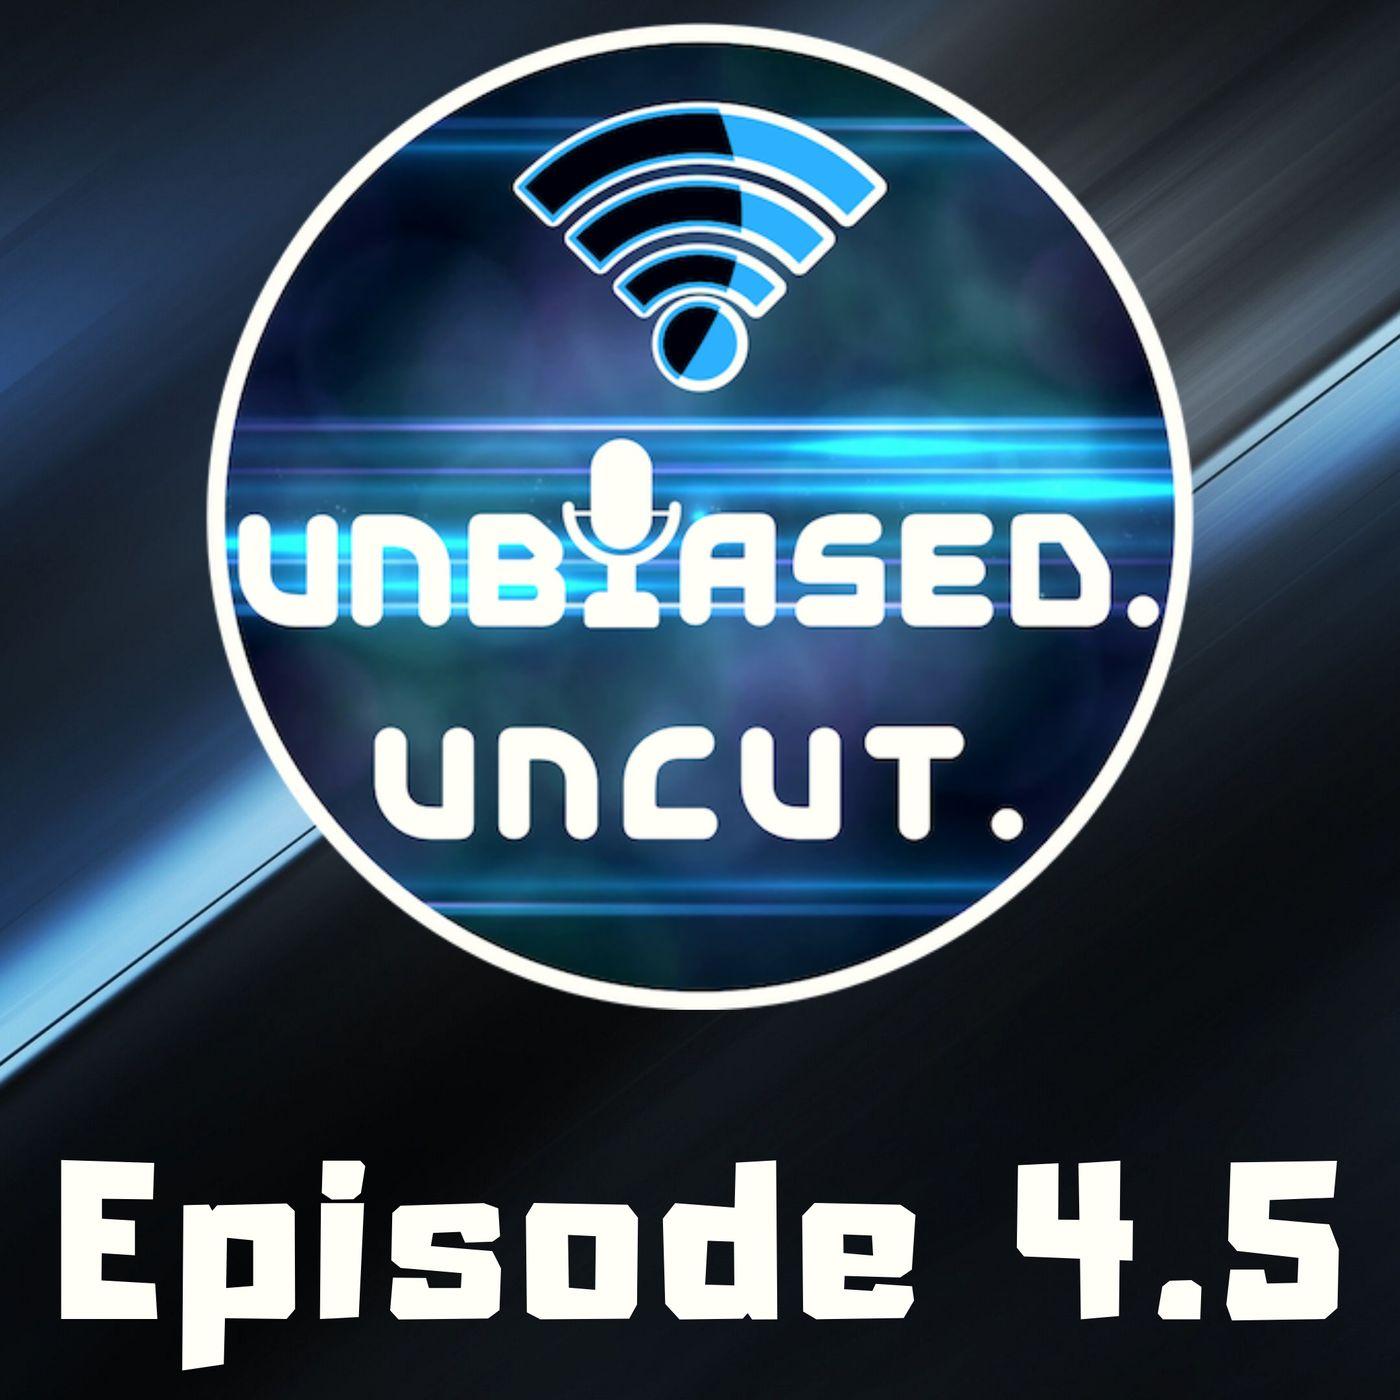 Episode 4.5: Avoidable Traffic